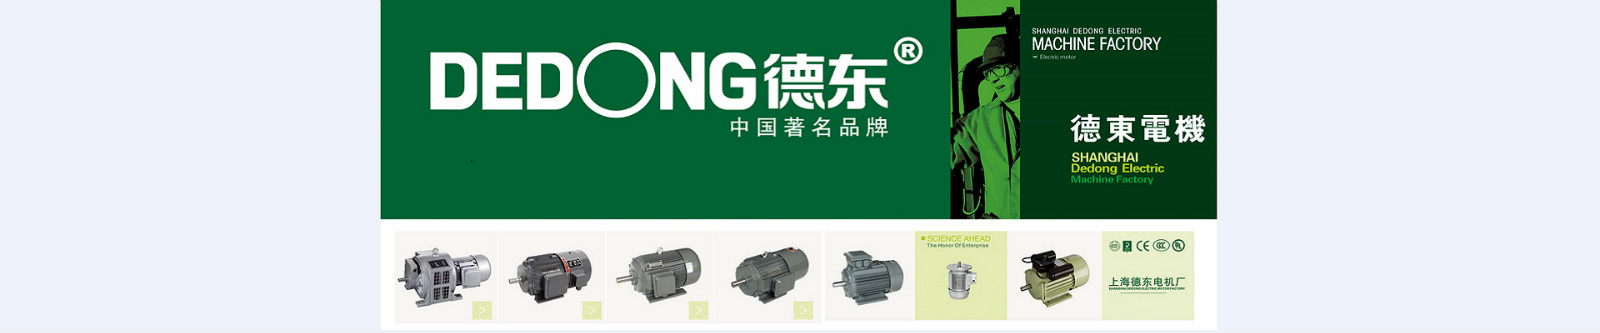 上海德东电机厂